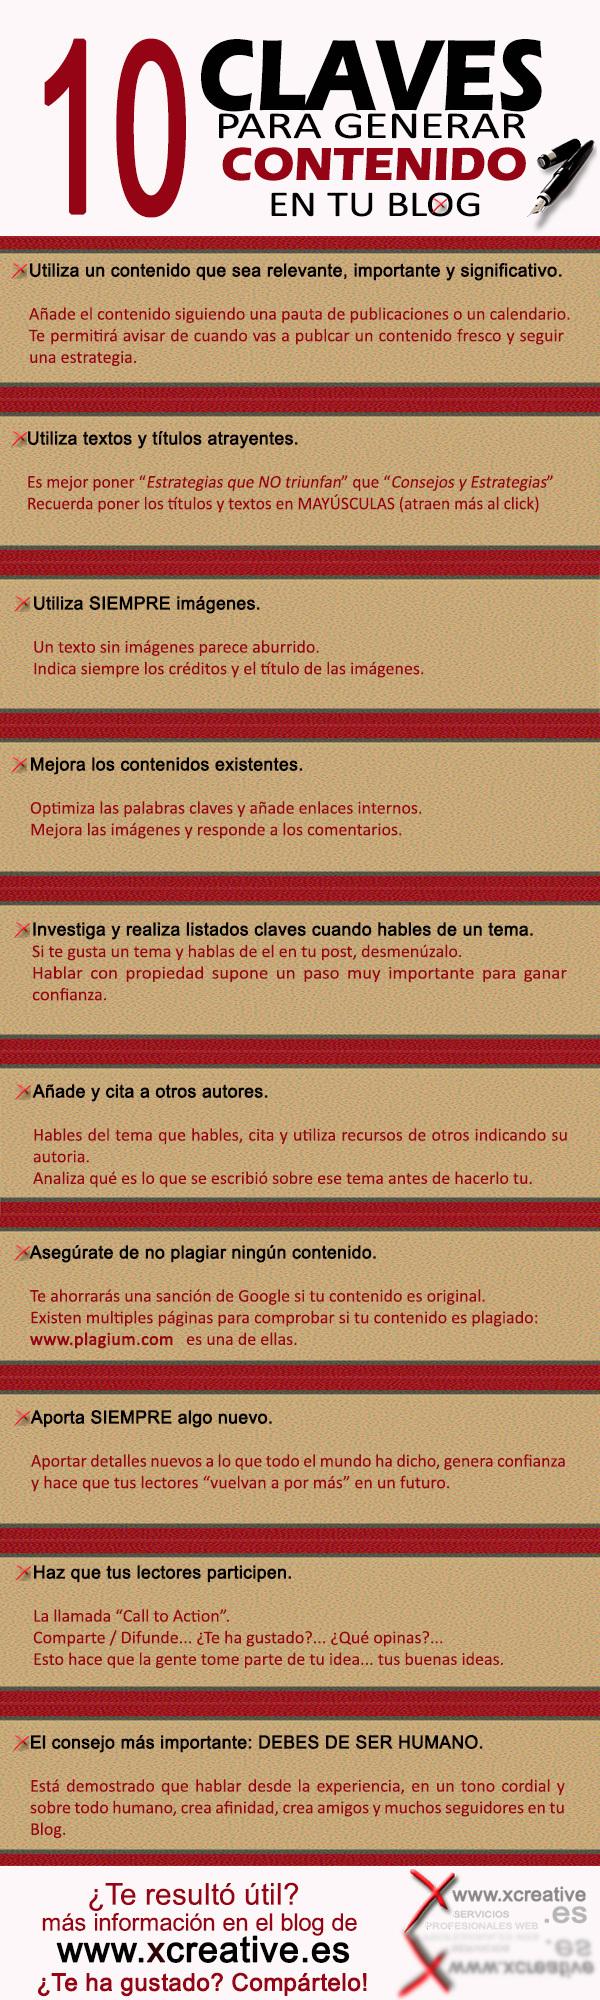 infografia 10 claves para generar contenido para tu blog